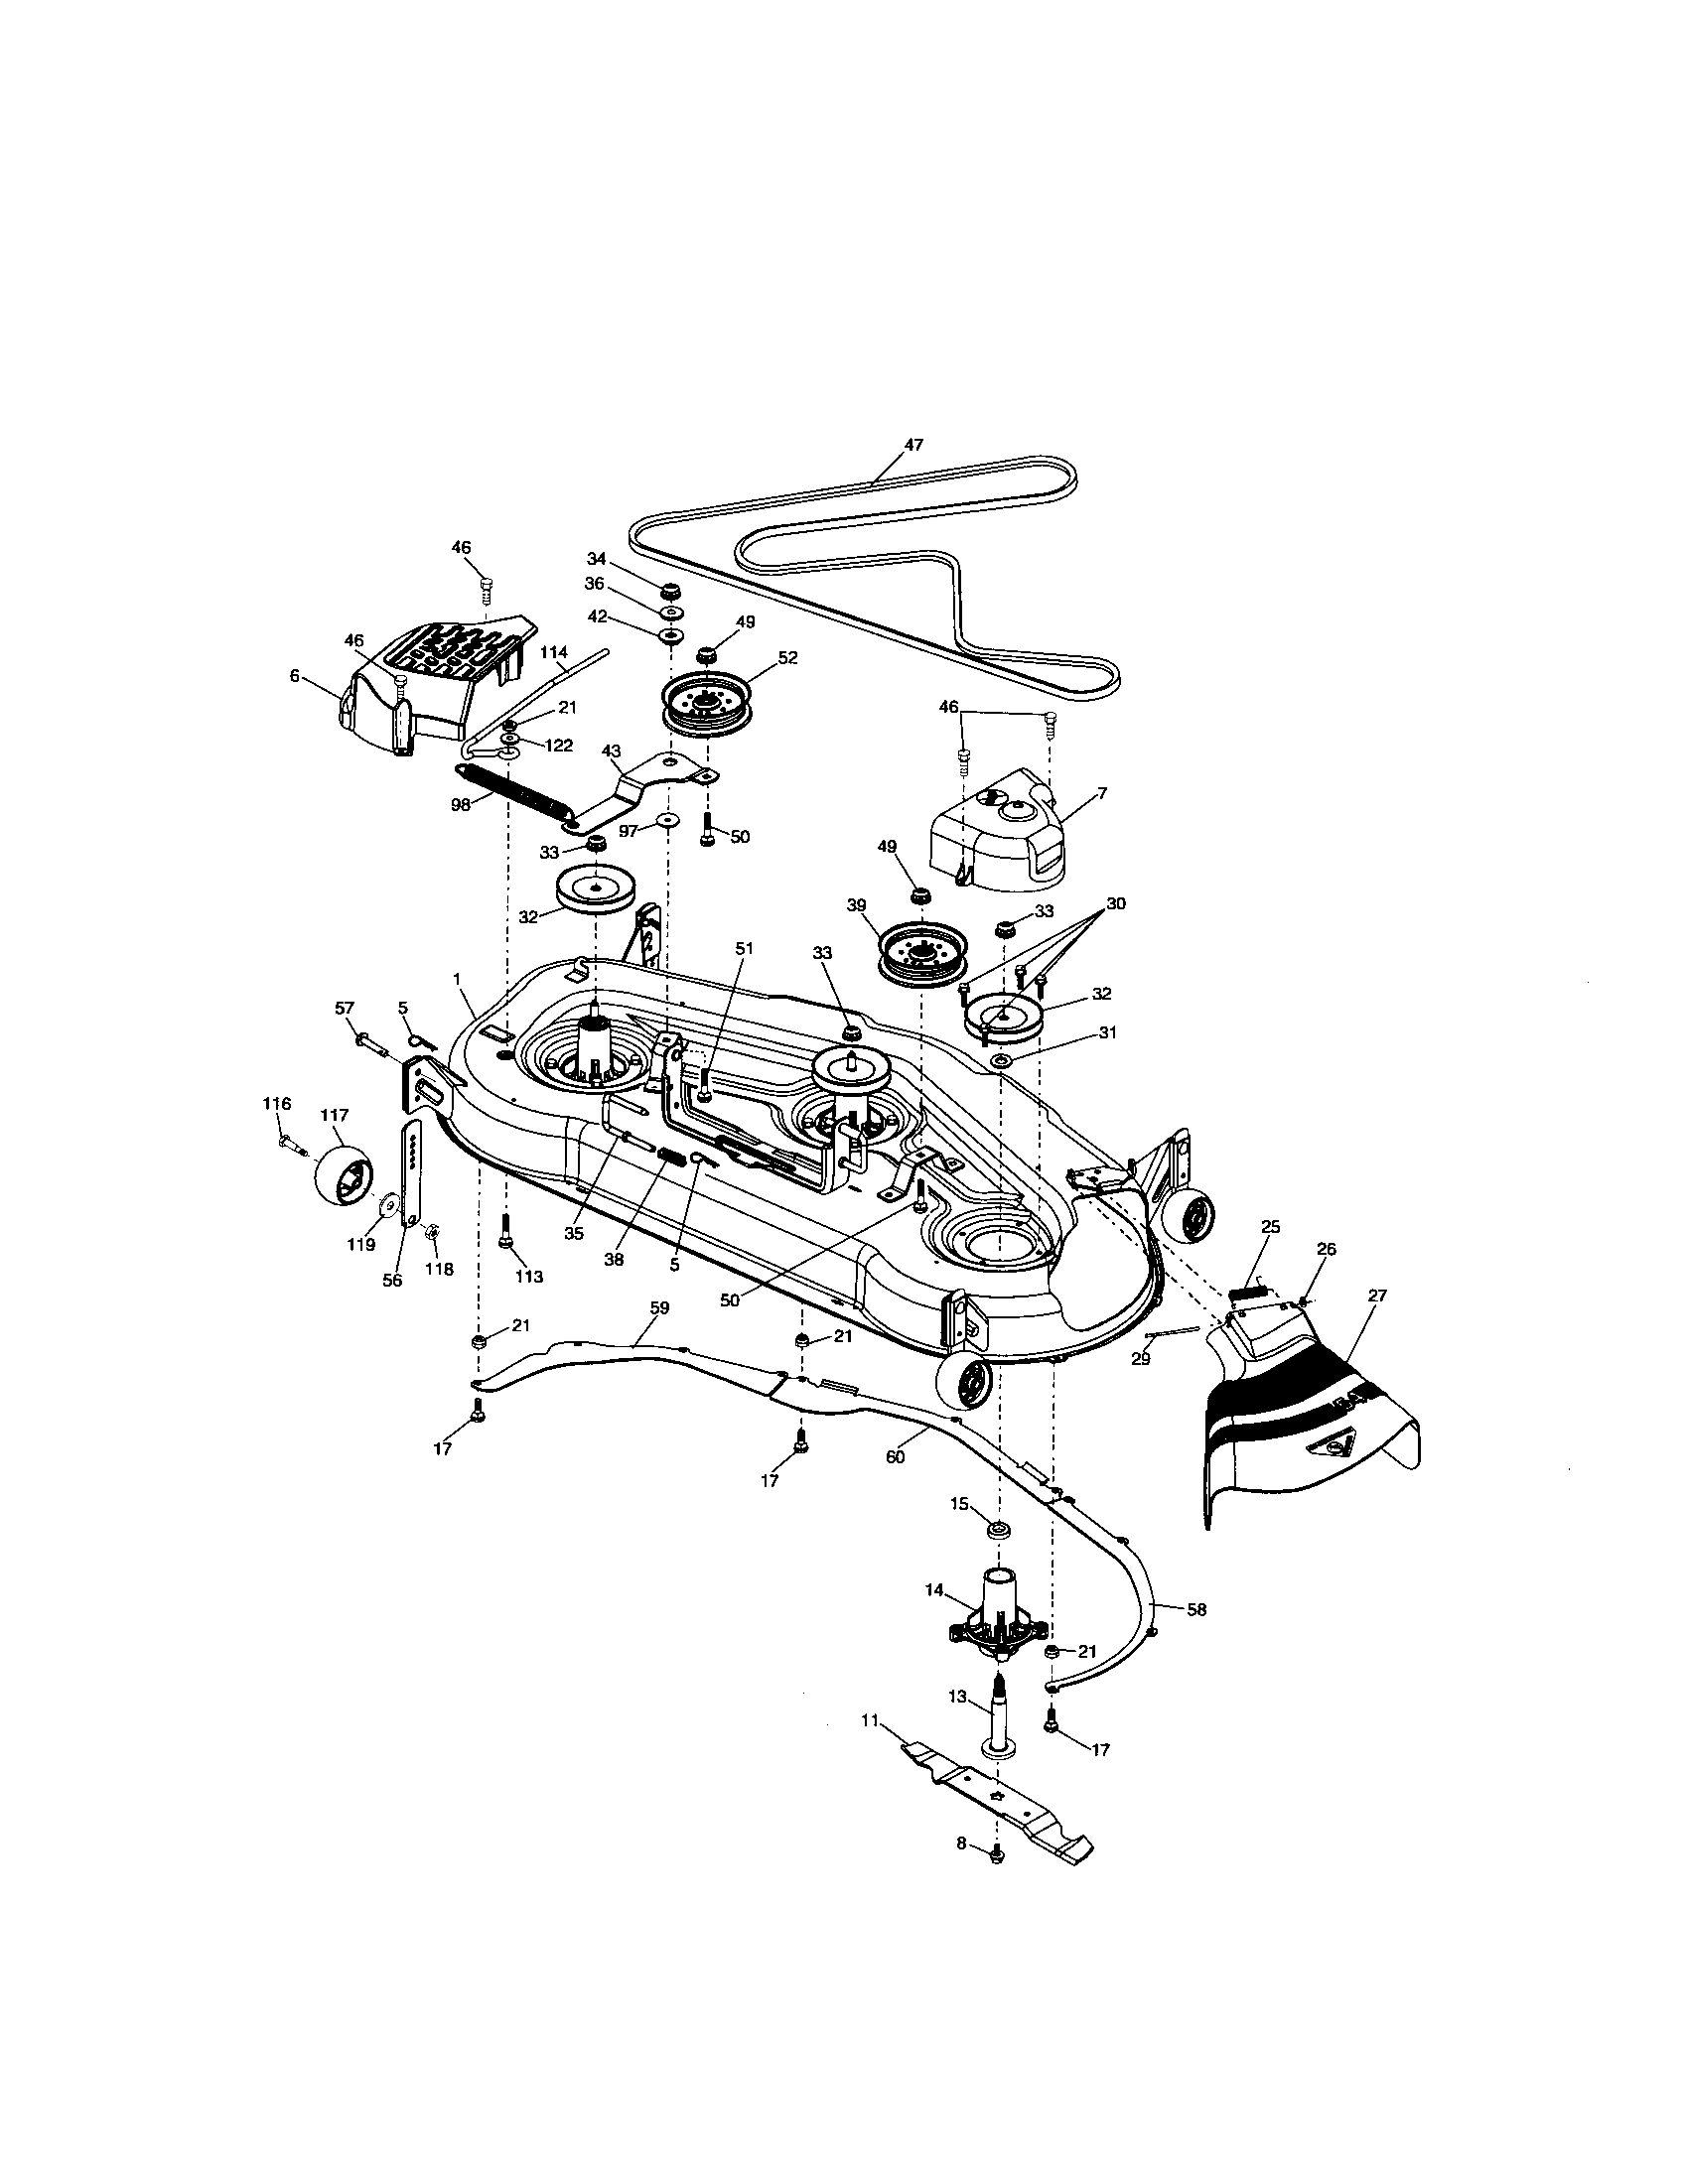 Craftsman Mower Wiring Diagram 917 255692